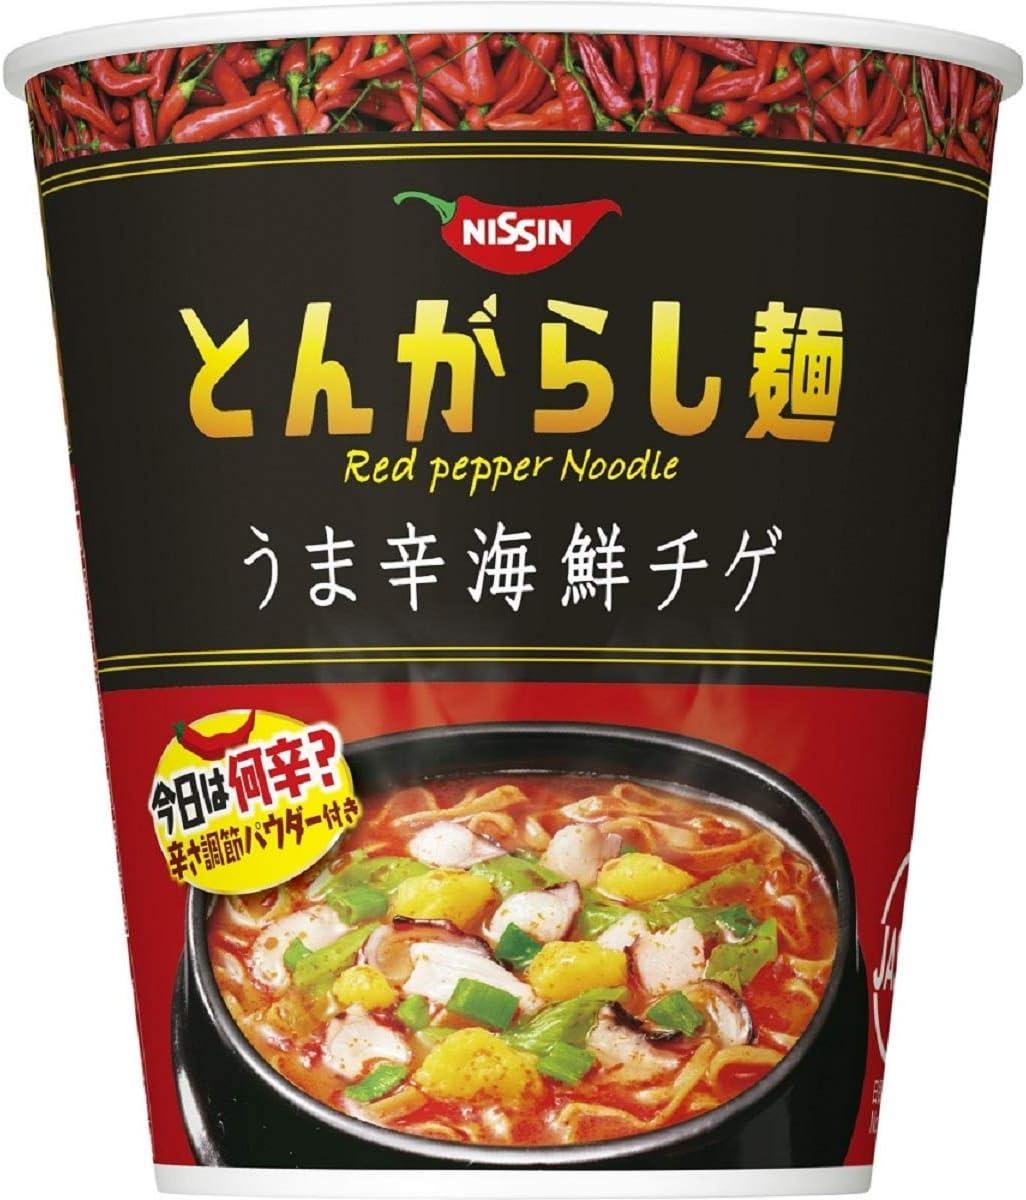 7位:日清食品『とんがらし麺 うま辛海鮮』